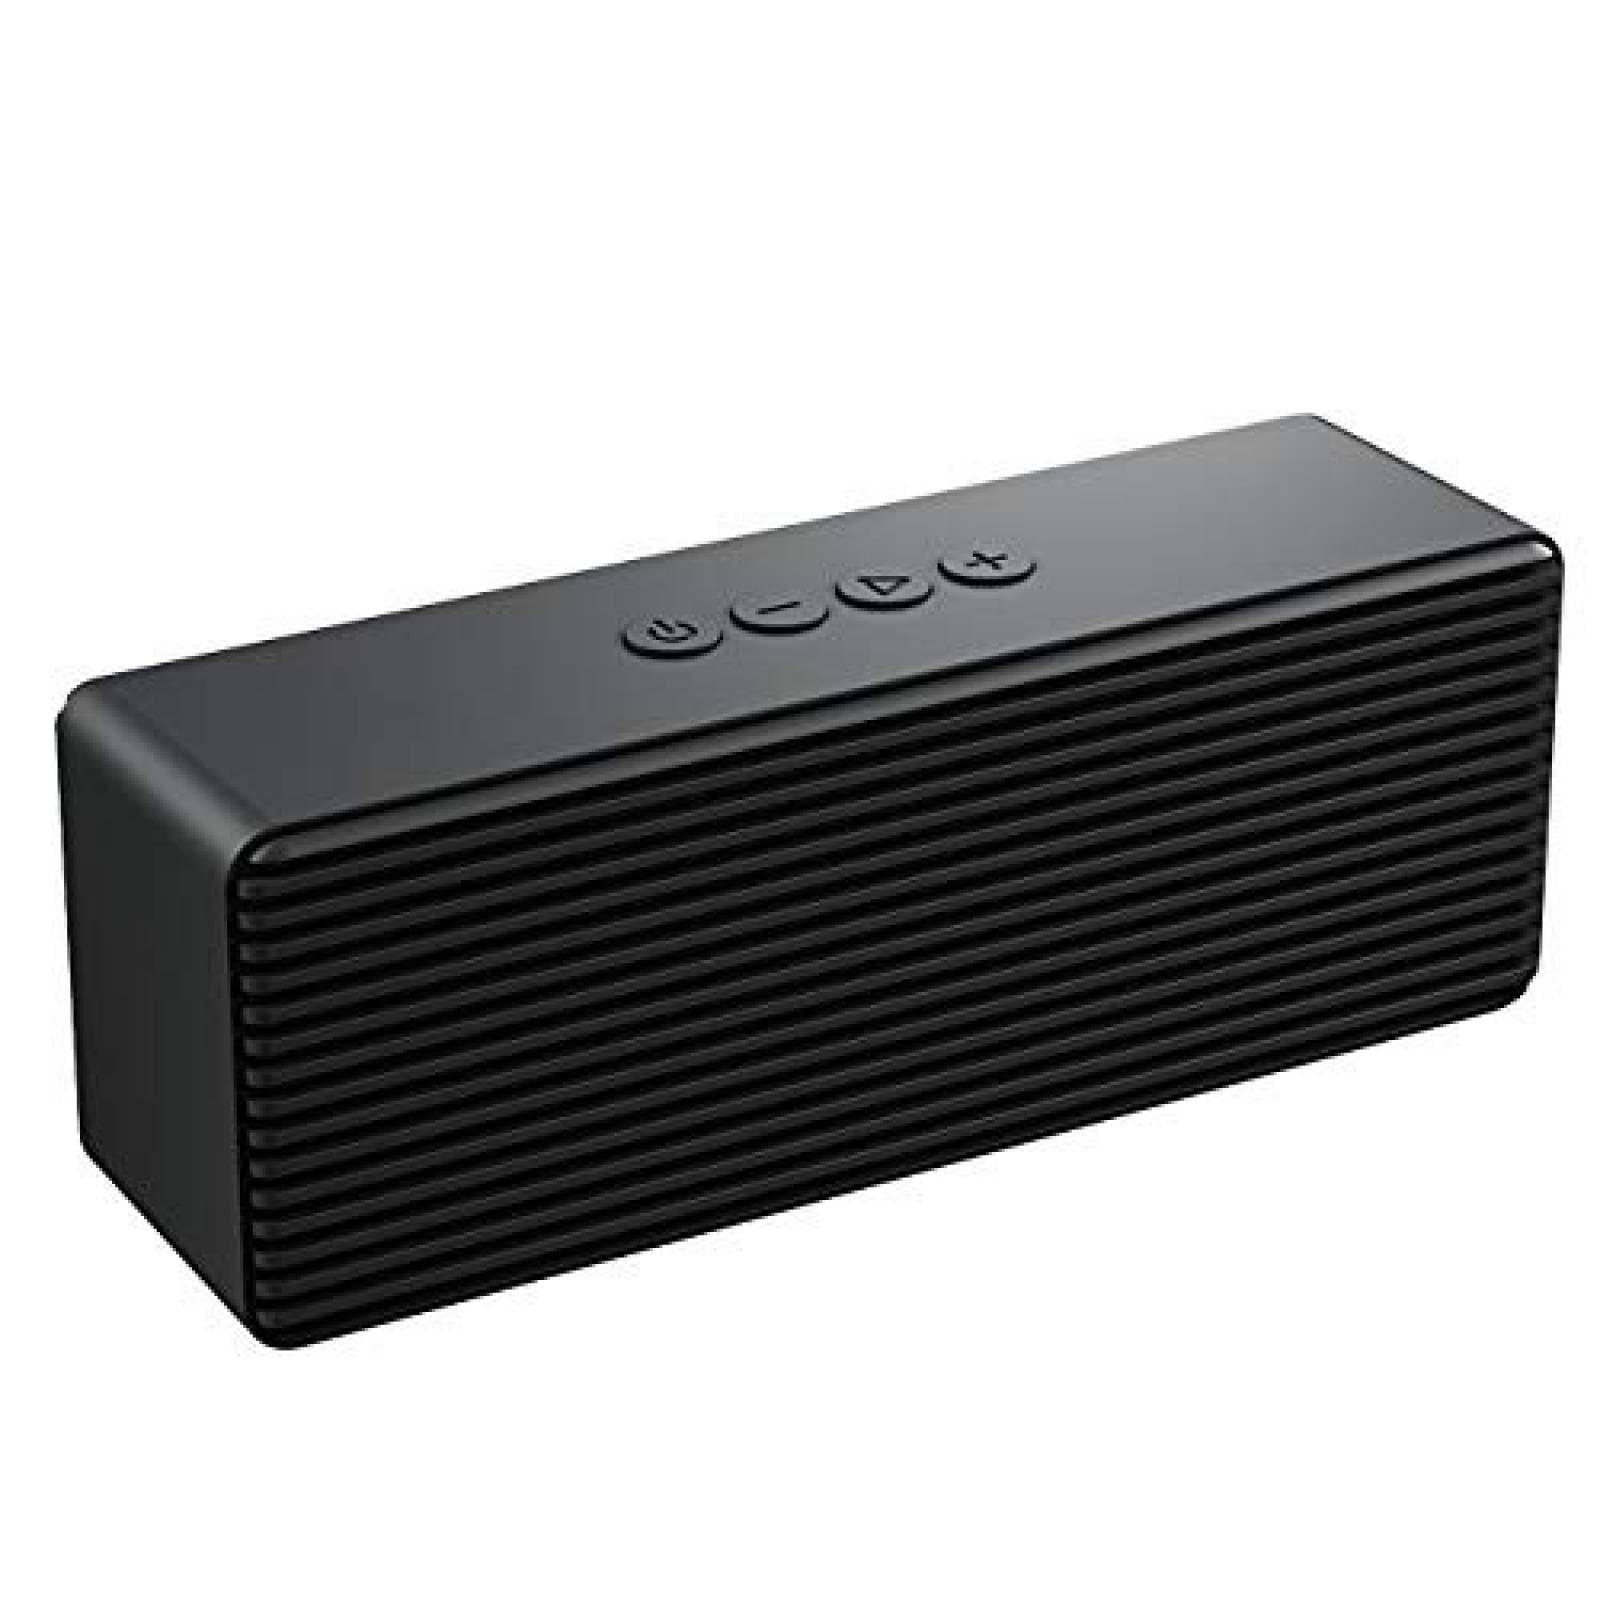 Bocina Bluetooth portátil LENRUE V4.2 -negro